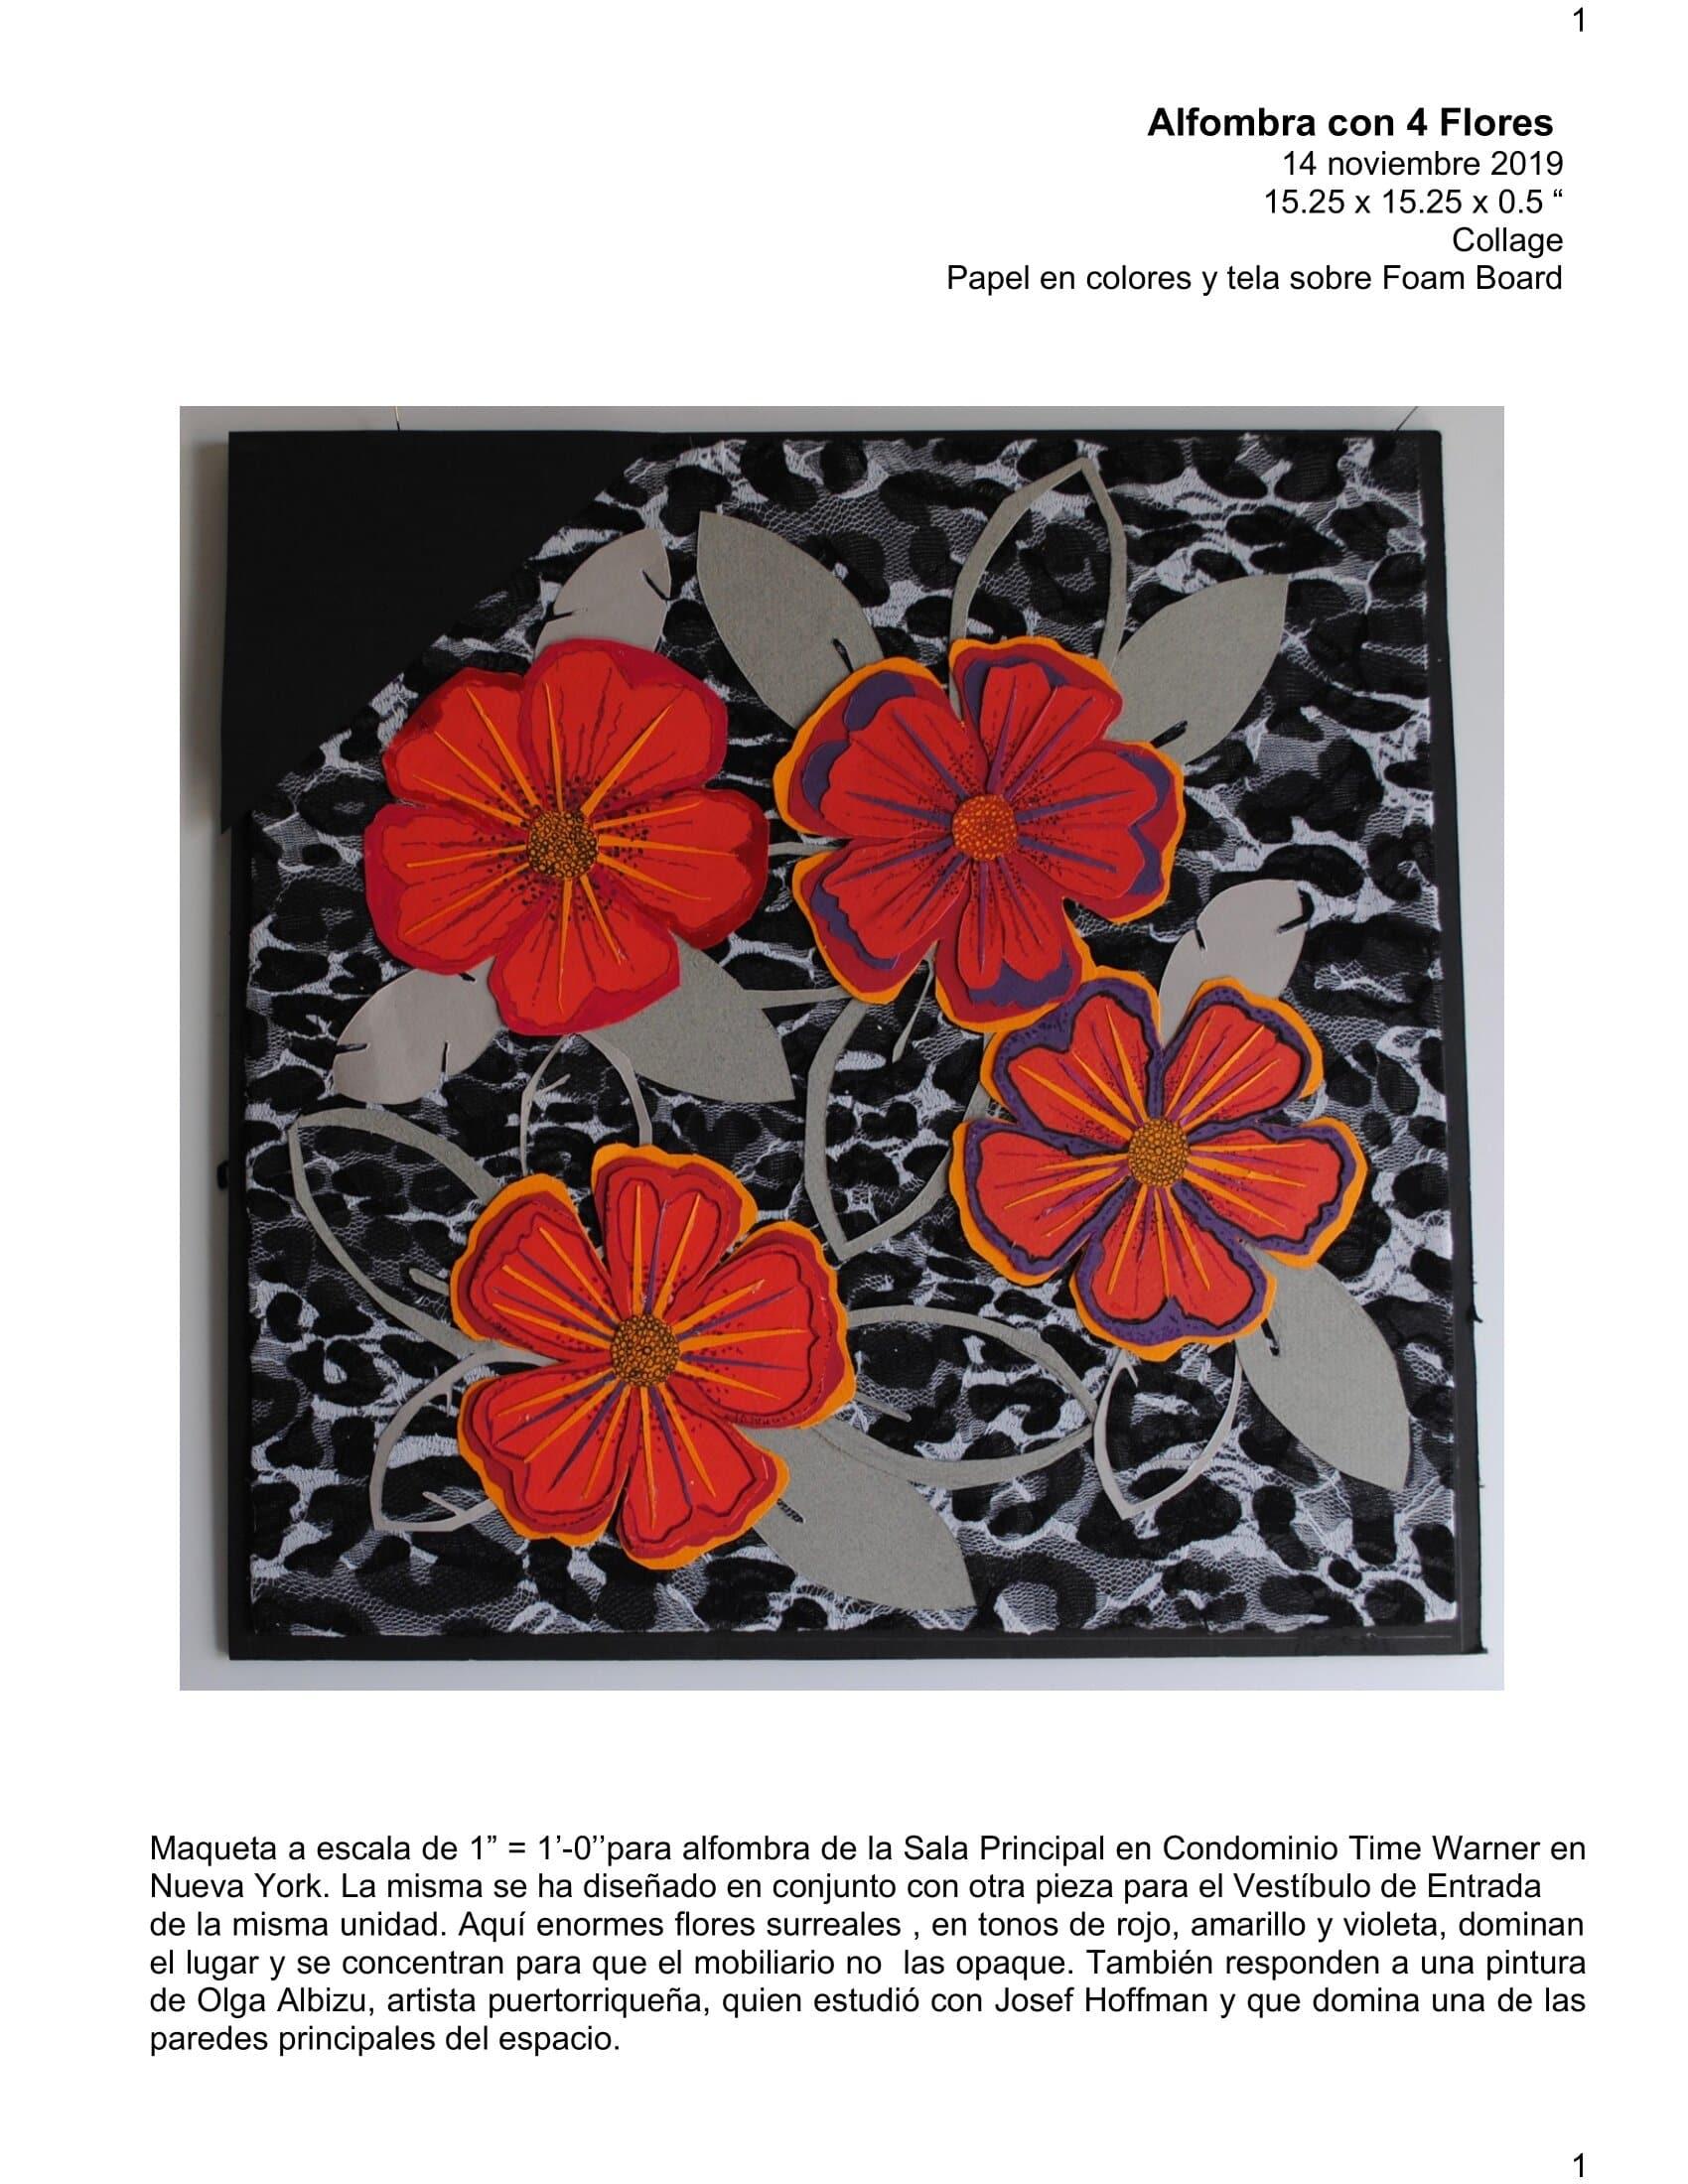 Alfombra-con-4-Flores_0001 (1)